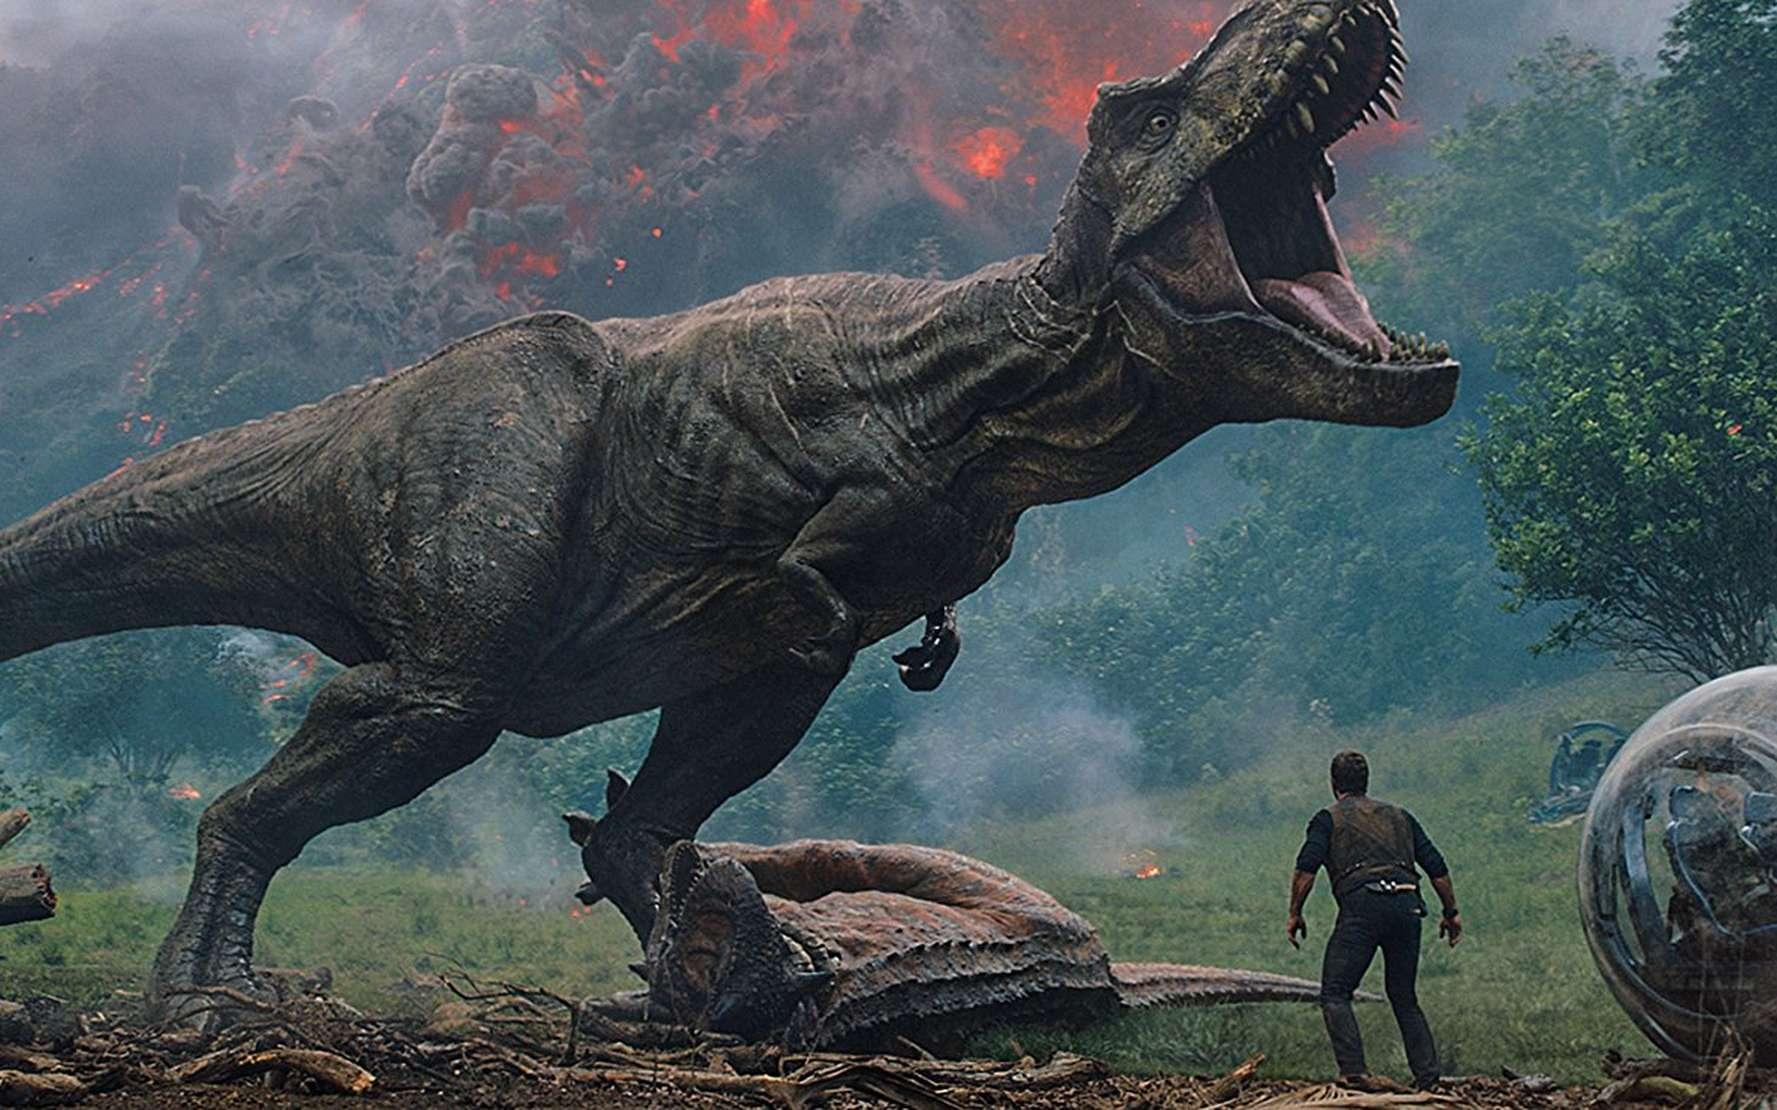 Les dinosaures terrorisent à nouveau les salles de cinéma dans Jurassic World: Fallen Kingdom. Si on ramenait les dinosaures à la vie, aura-t-on vraiment droit à un scénario catastrophe hollywoodien ? © Universal Pictures International France